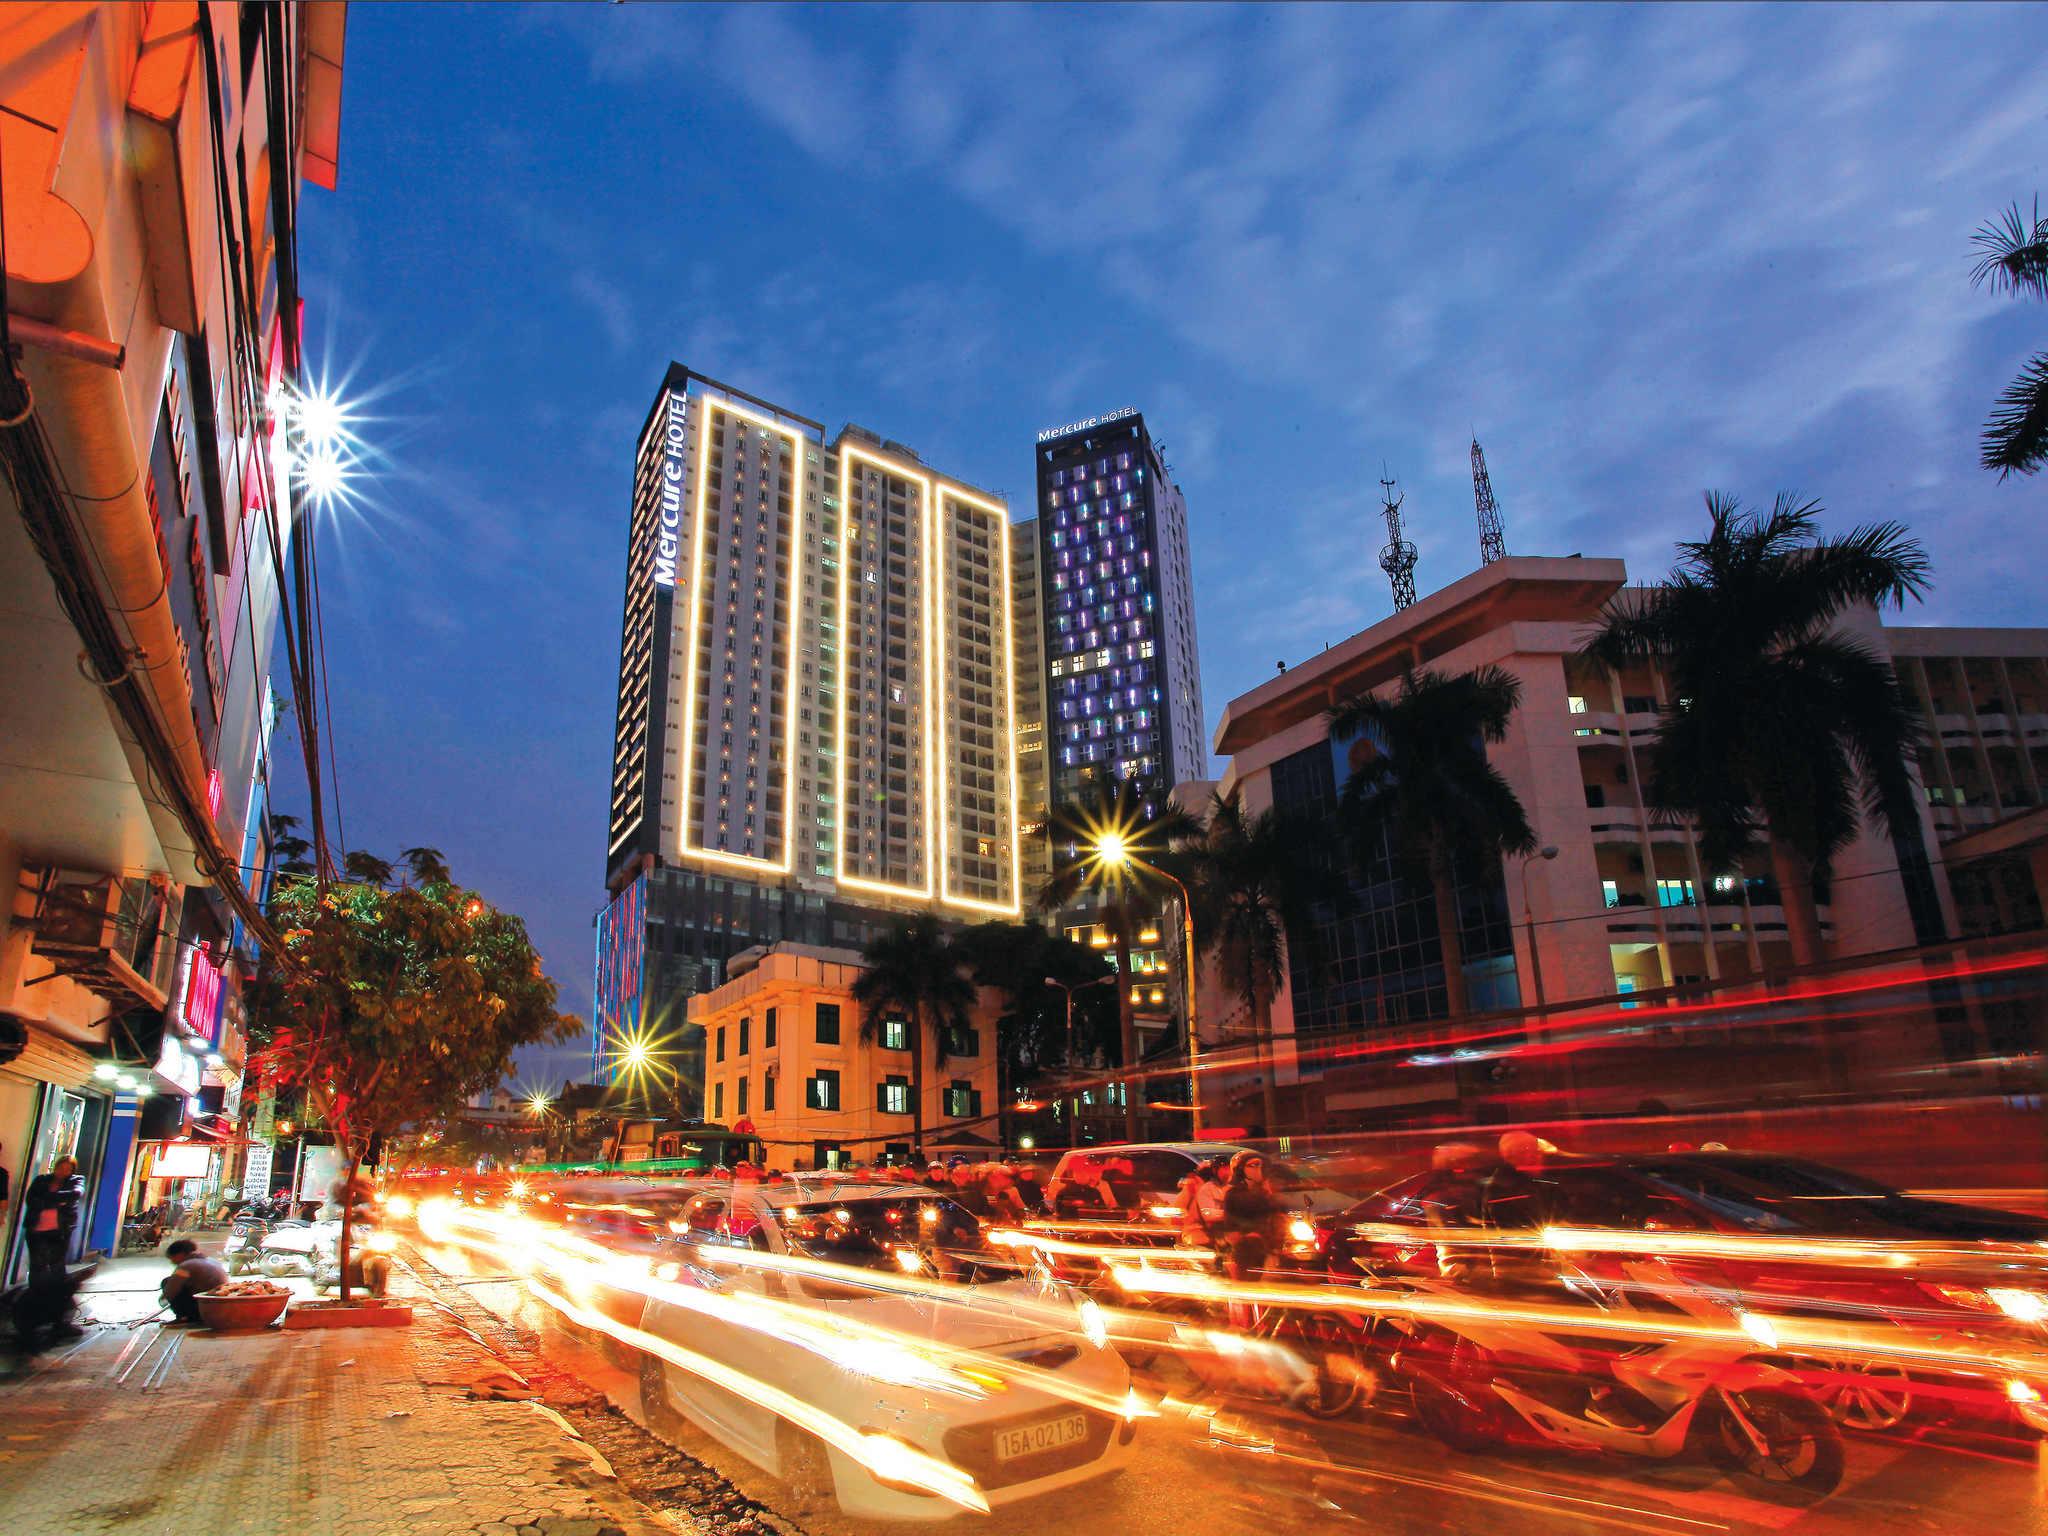 โรงแรม – เมอร์เคียว ไฮฟอง